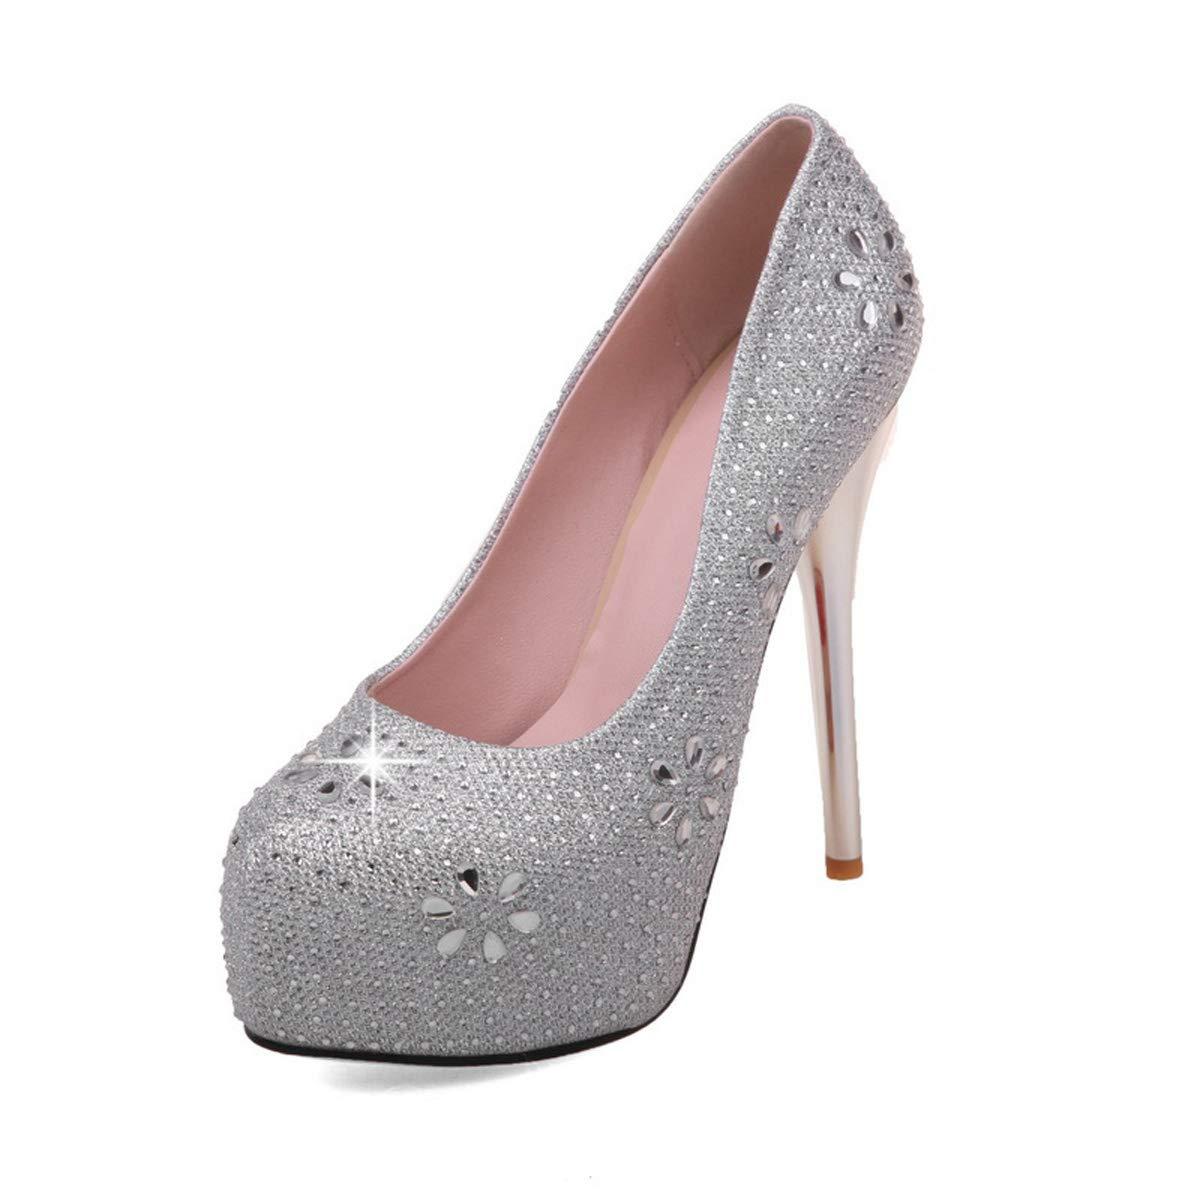 DANDANJIE Frauen Strass Hochzeit Schuhe Slip On High Heel Schuhe Frühling Stiletto Heel Party Court Schuhe  | Deutschland Online Shop  | Vielfalt  | Lass unsere Waren in die Welt gehen